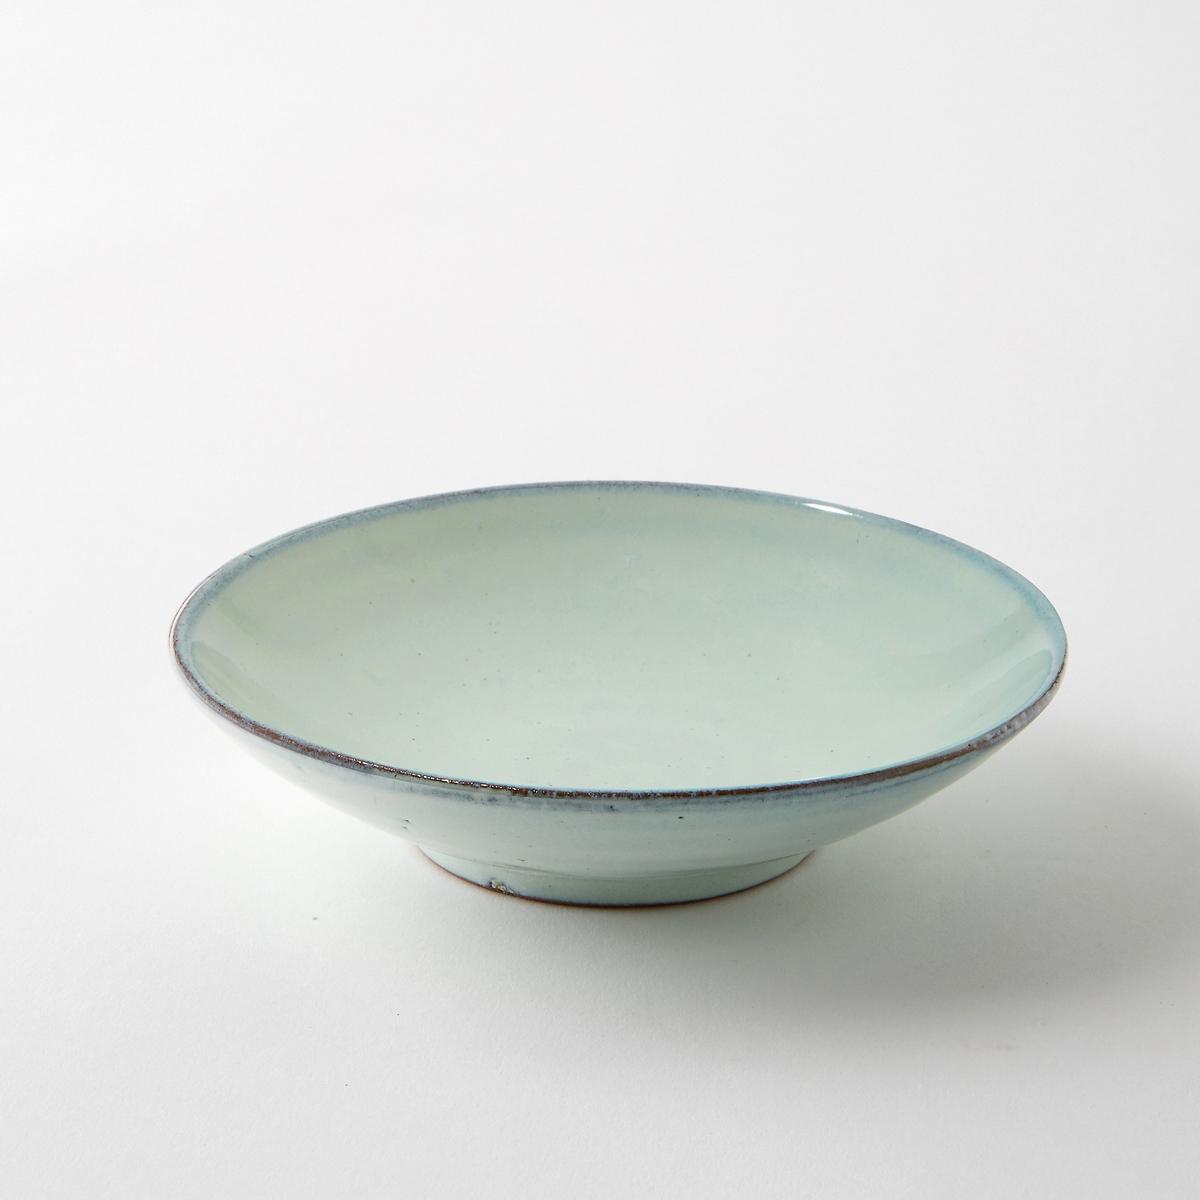 Чаша из керамики, диаметр 15 см, Aqua от SeraxЧаша Aqua от Serax. Новый керамический сервиз Aqua ручной работы преобразит Ваш праздничный стол. Эта посуда в голубых тонах подарит Вам свежесть в летние дни. Характеристики : - Из керамики, покрытой глазурью. - Можно использовать в посудомоечных машинах и микроволновых печах. - Вся коллекция Aqua на сайте ampm.ruРазмеры  : - диаметр 15 x высота 3,5 см.<br><br>Цвет: зелено-синий<br>Размер: единый размер